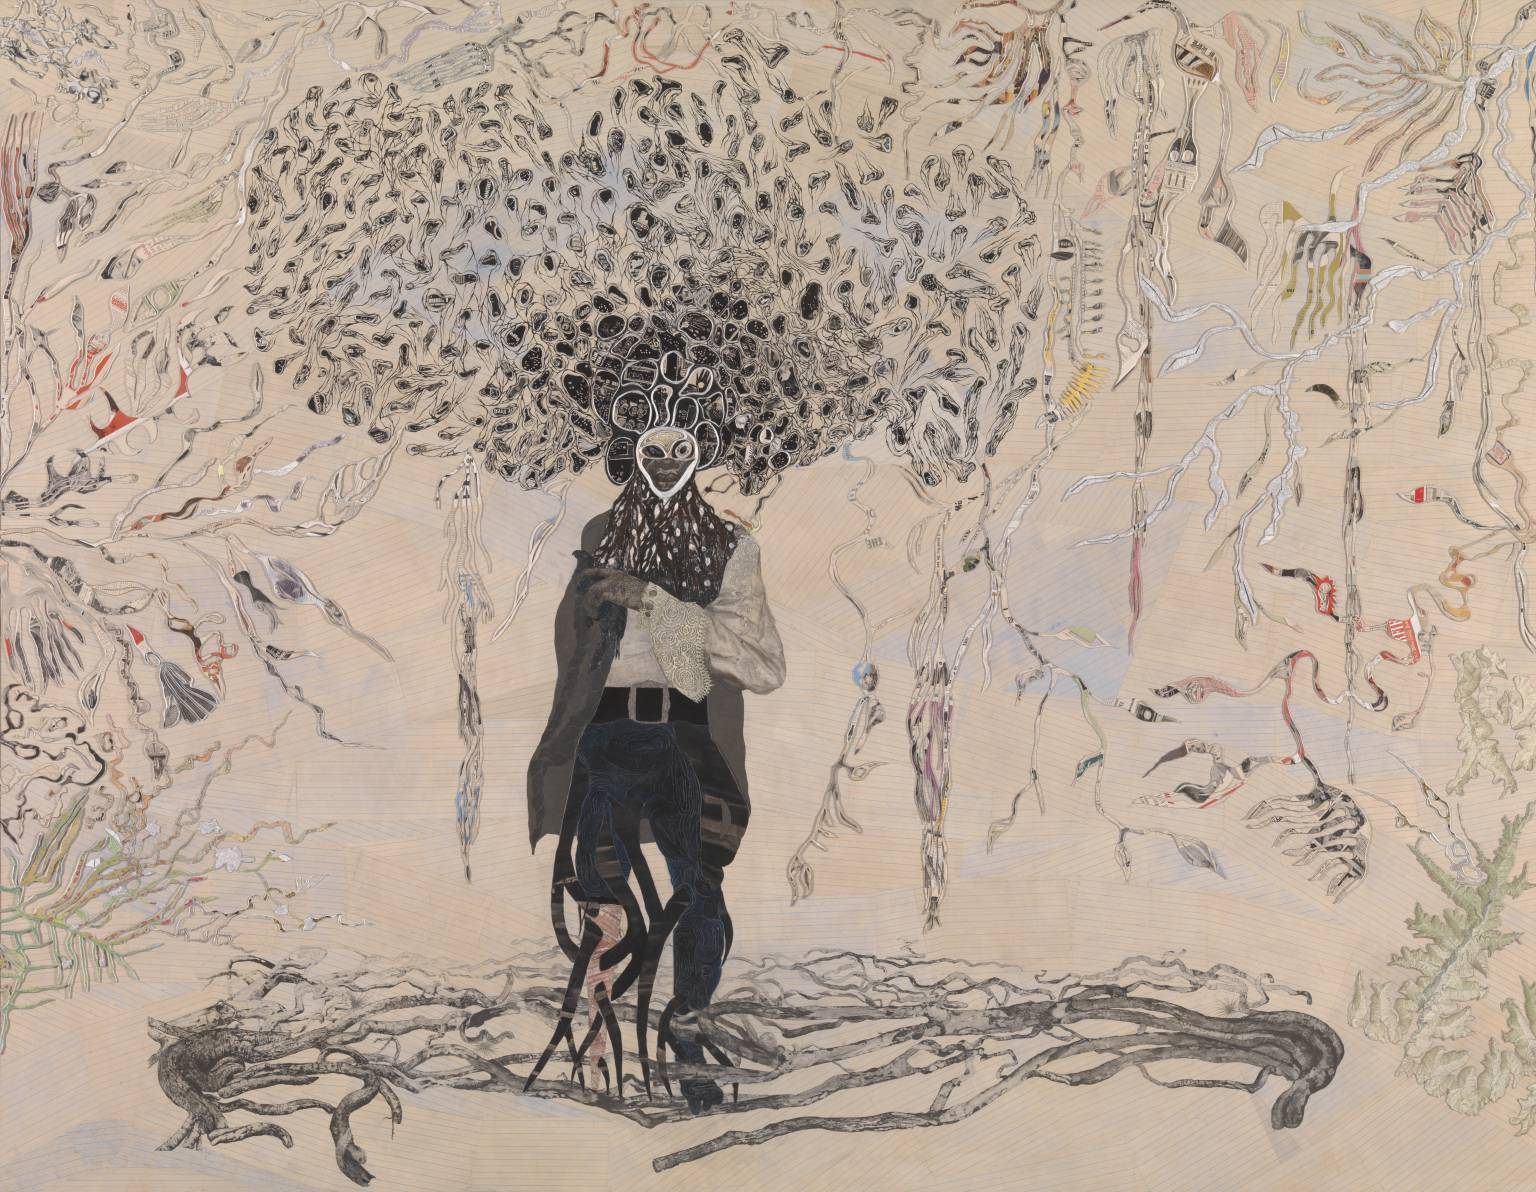 Bird in Hand 2006 by Ellen Gallagher born 1965